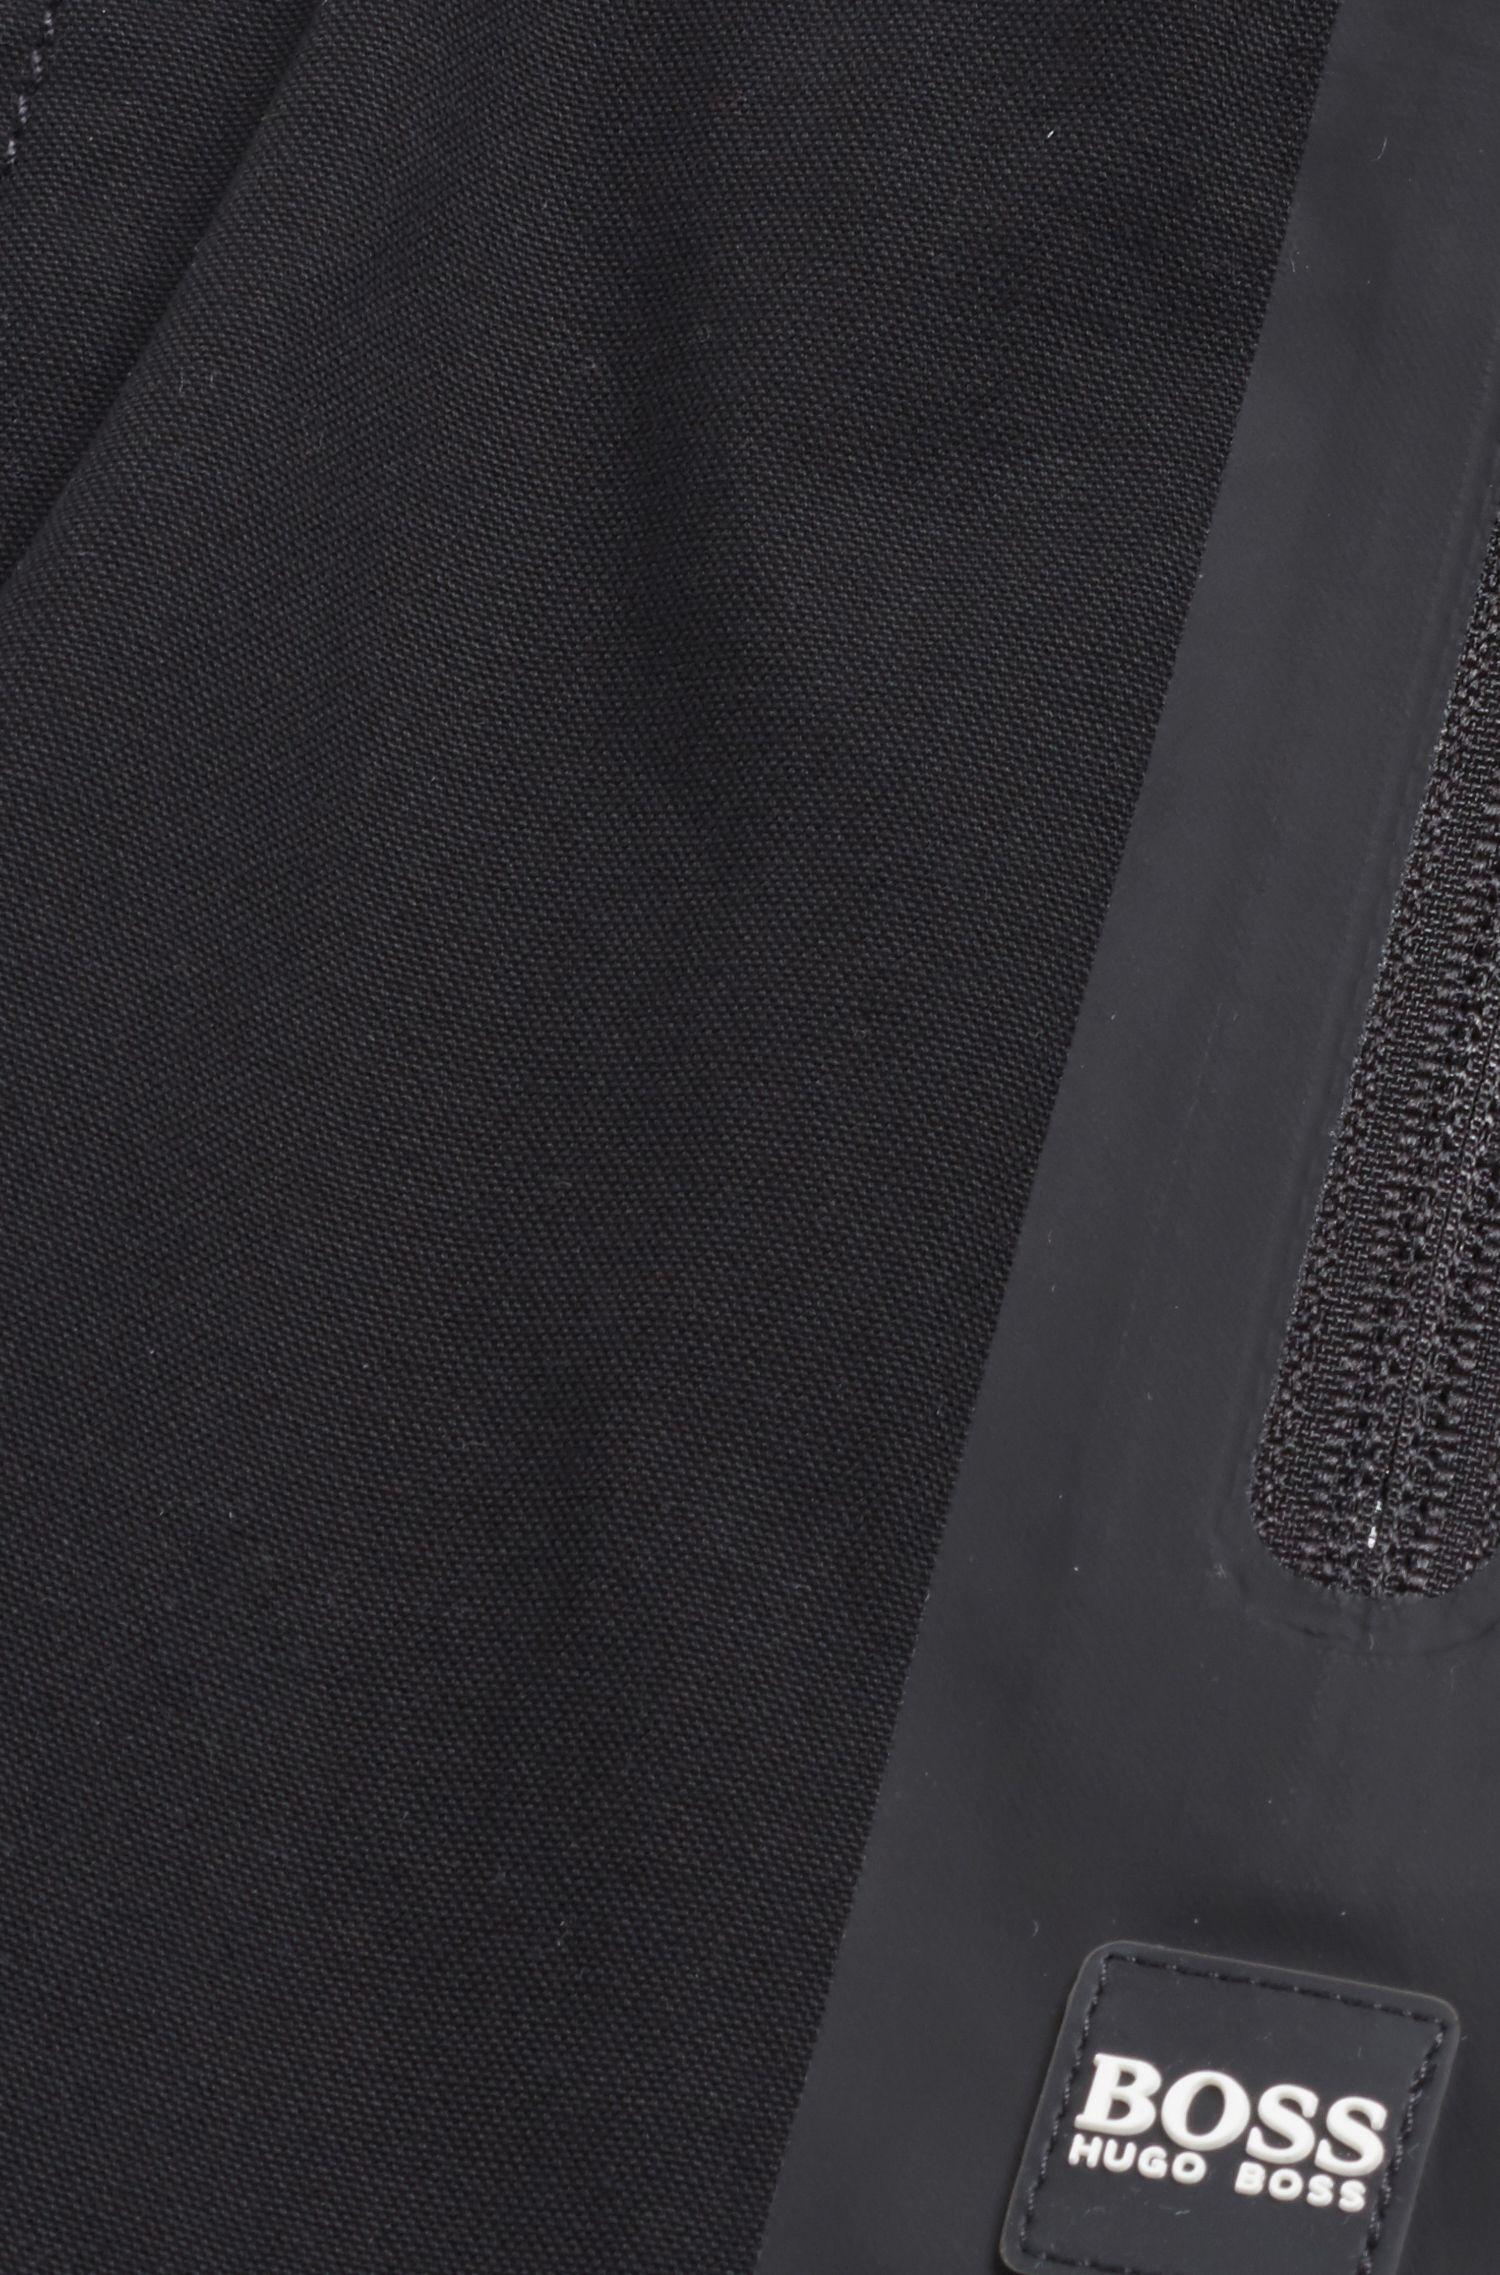 Pantalon Slim Fit pour enfant, en toile de pur coton, Noir